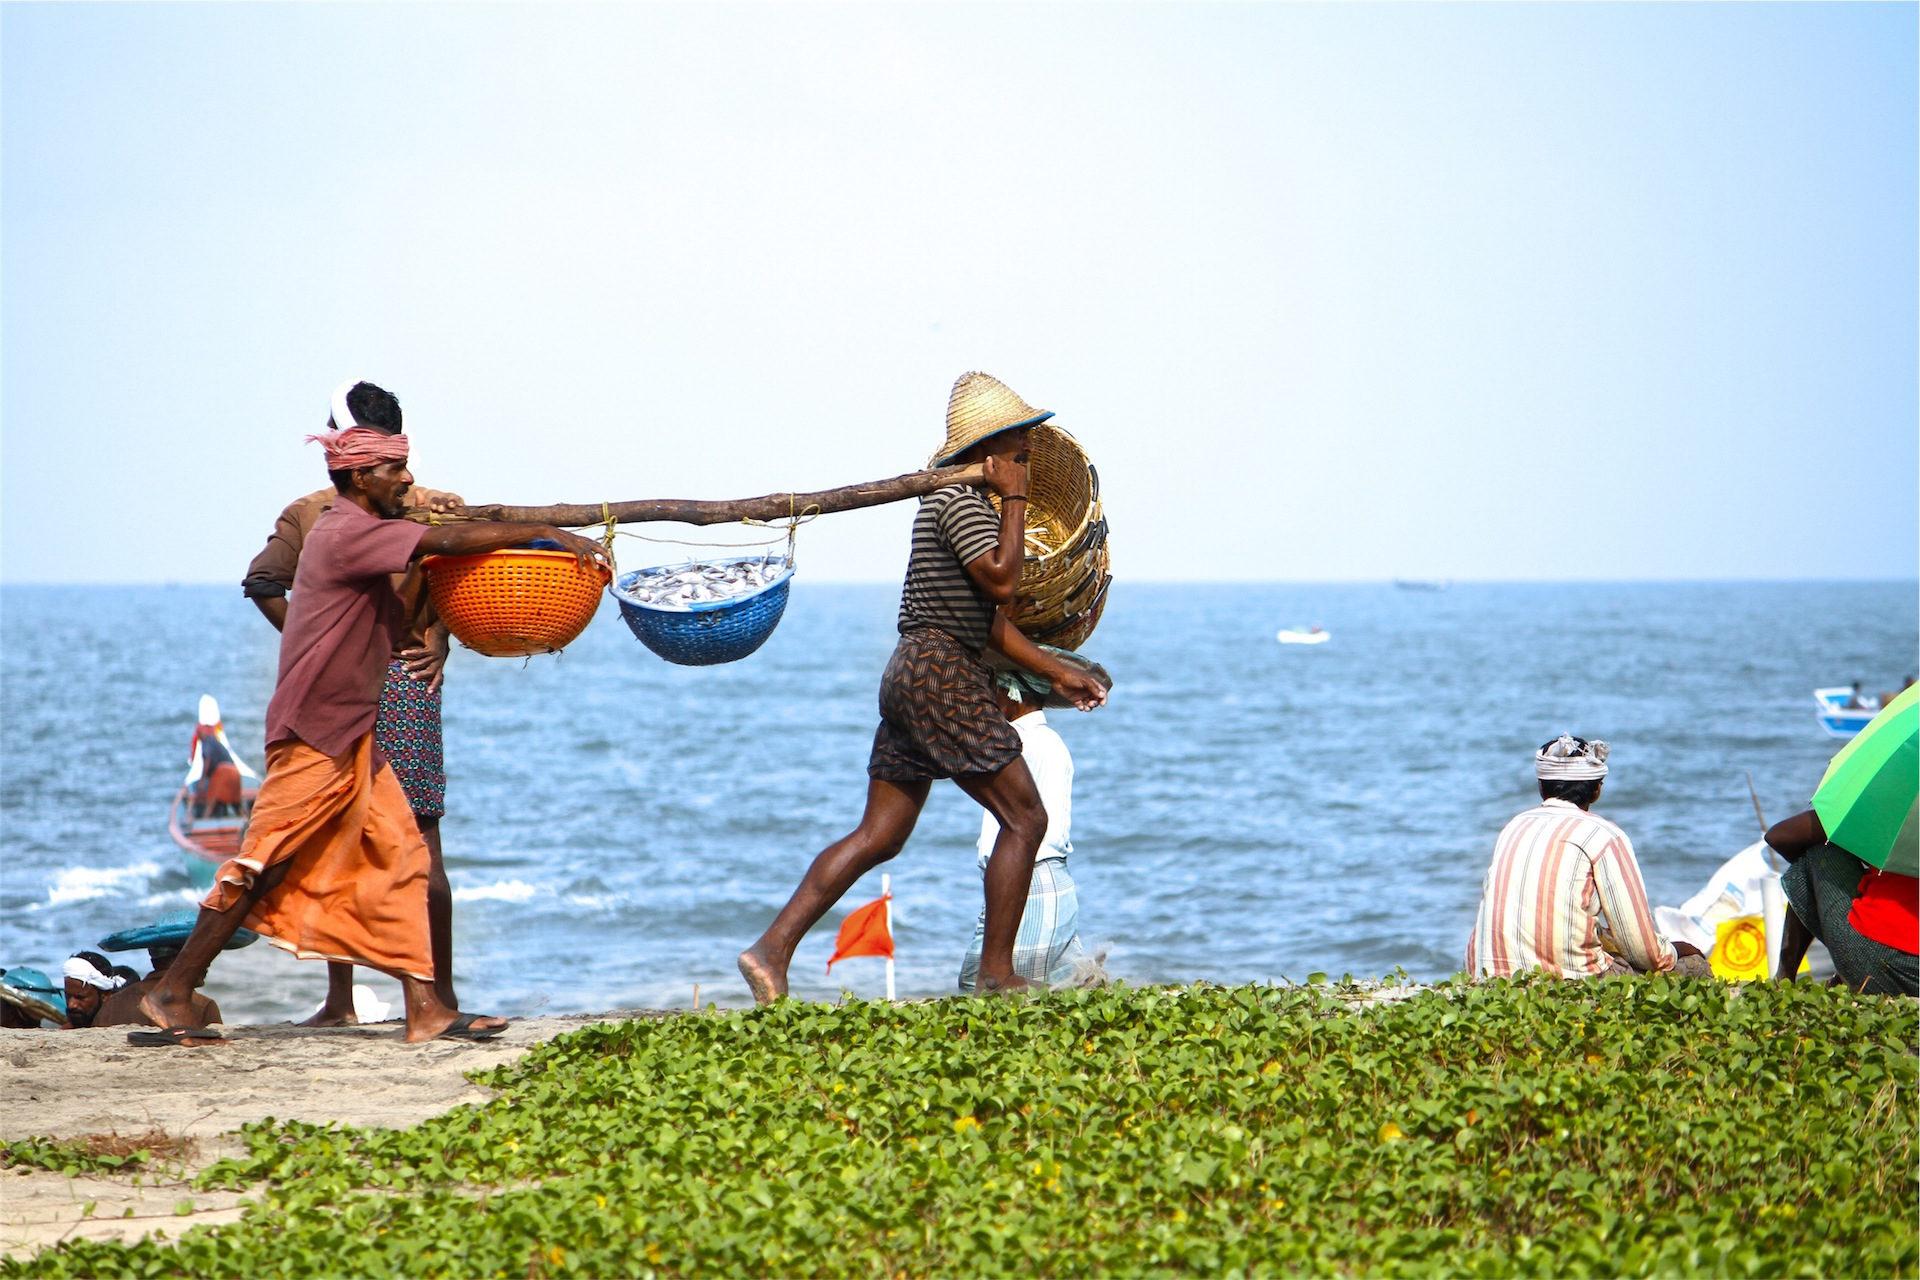 ψαράδες, εργασία, Θάλασσα, ψάρια, ζει - Wallpapers HD - Professor-falken.com